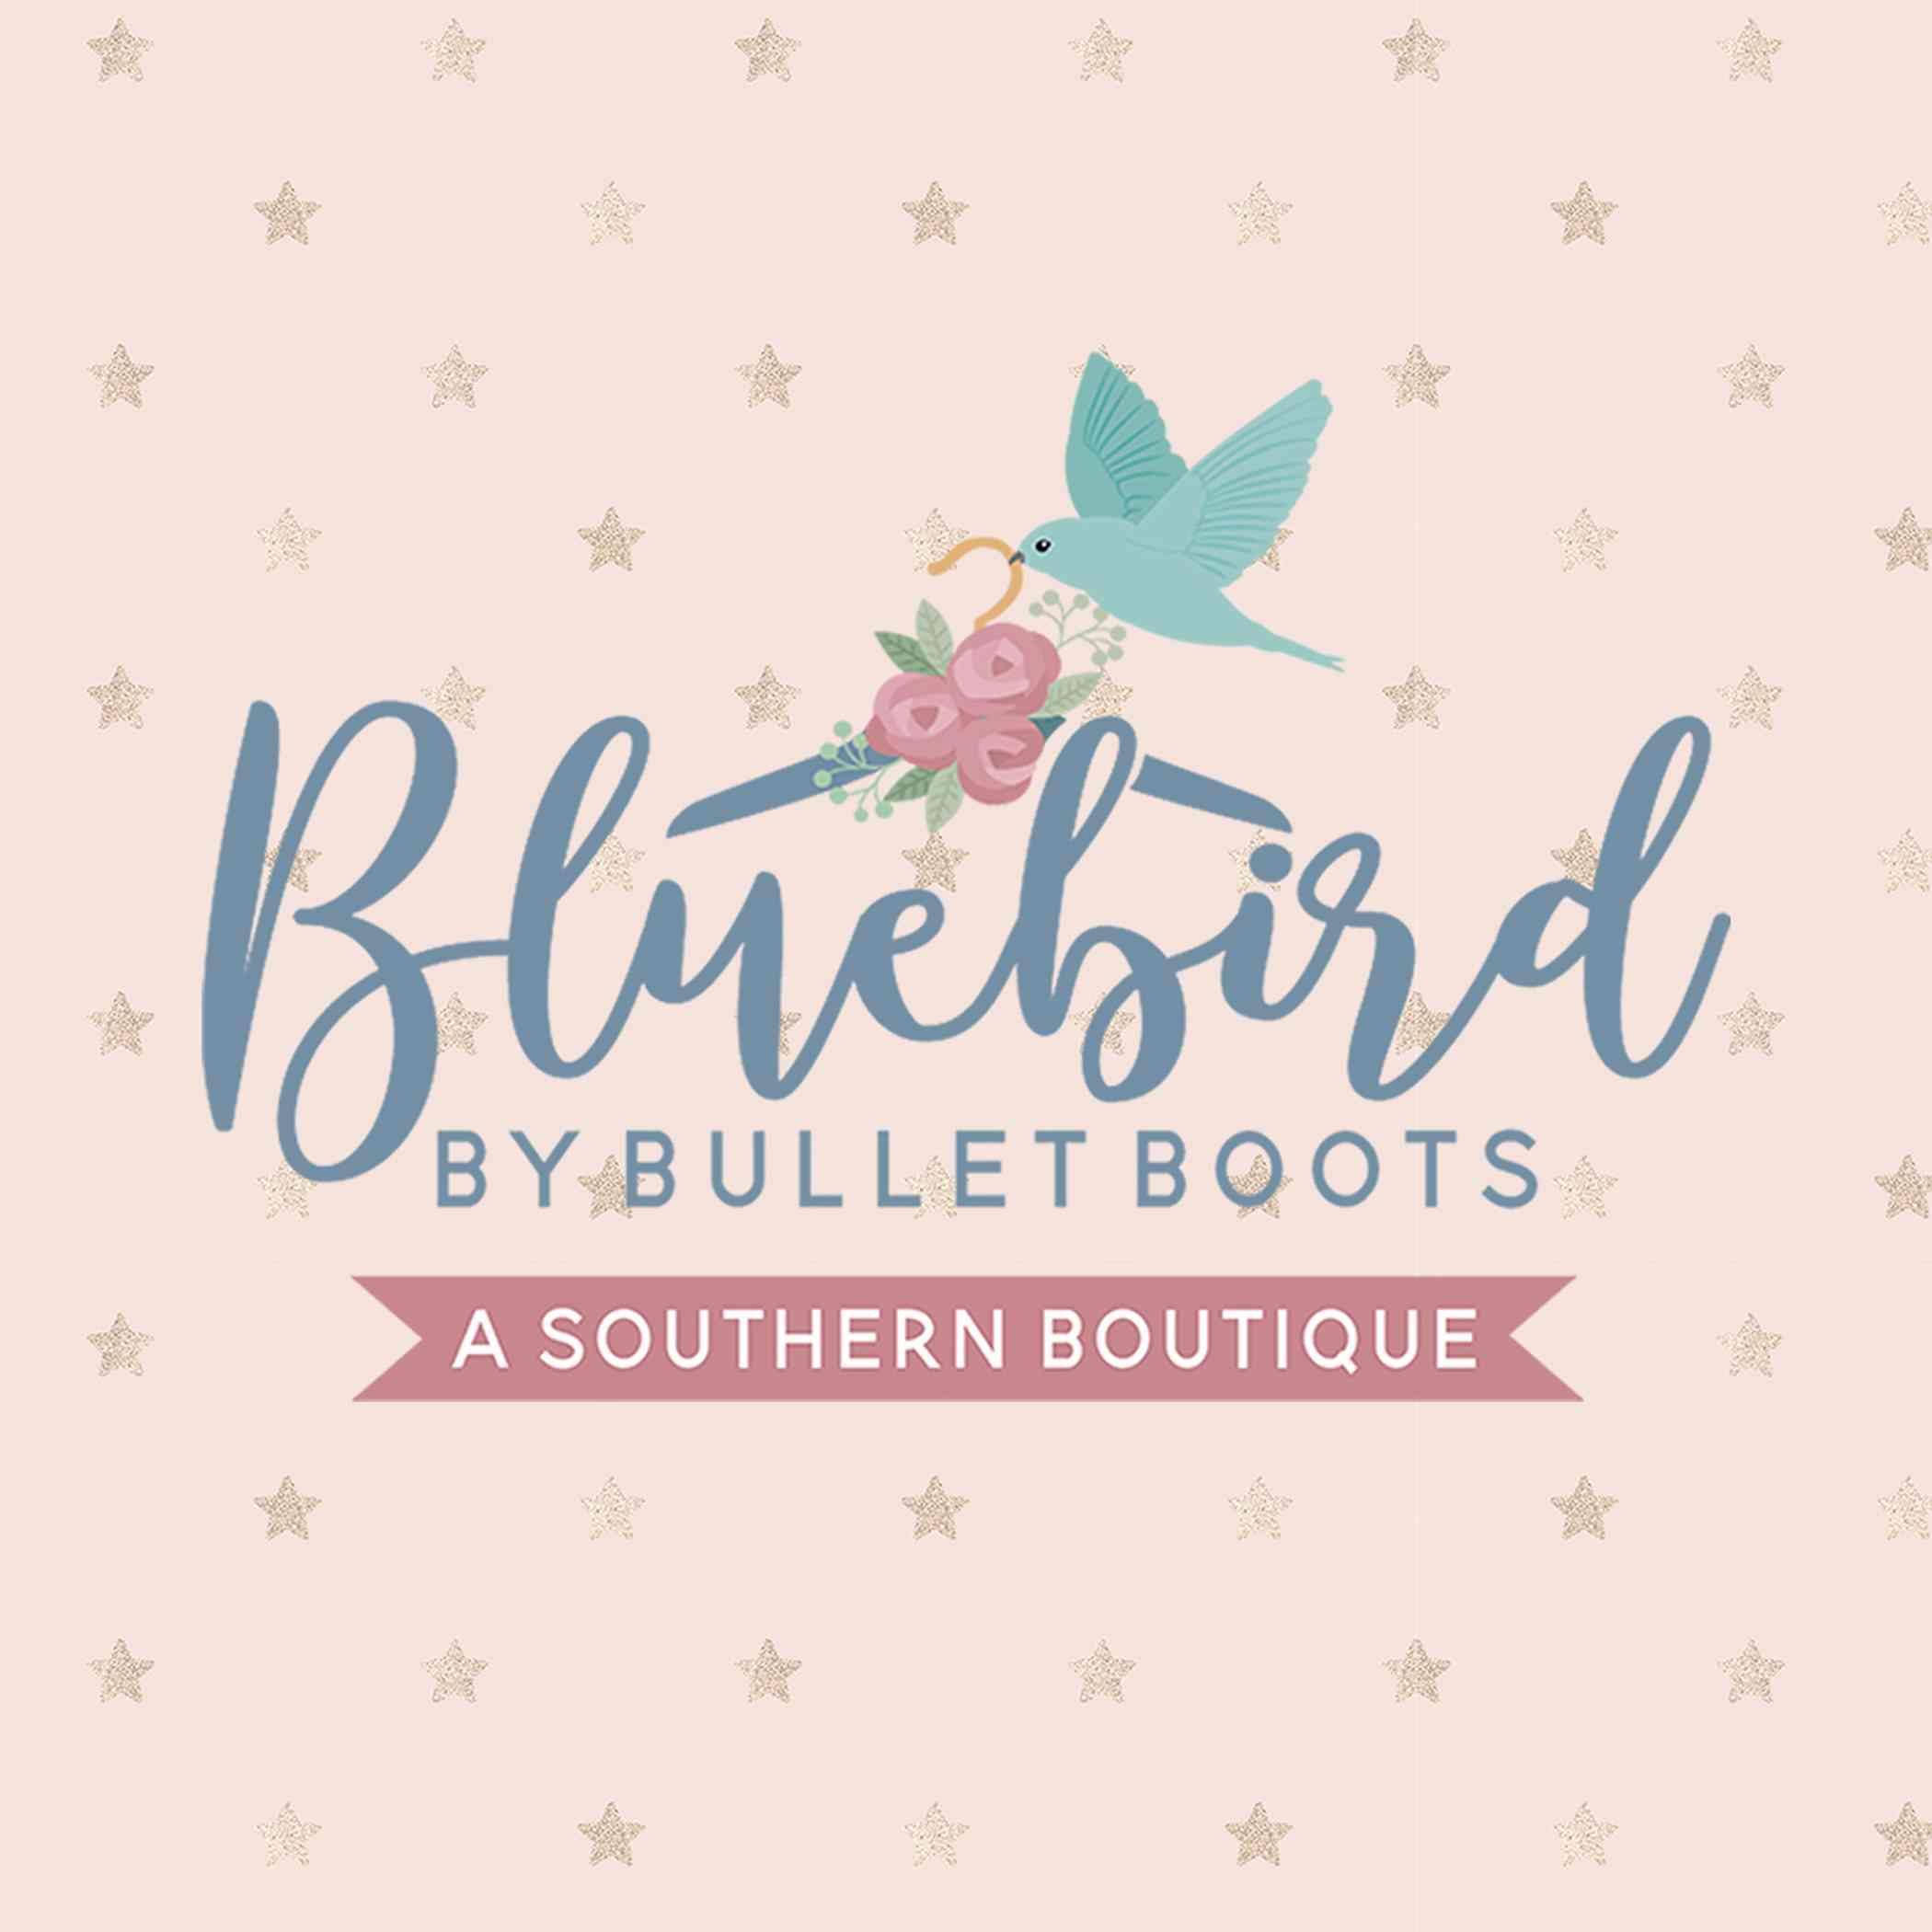 Bluebird by Bullet Boots